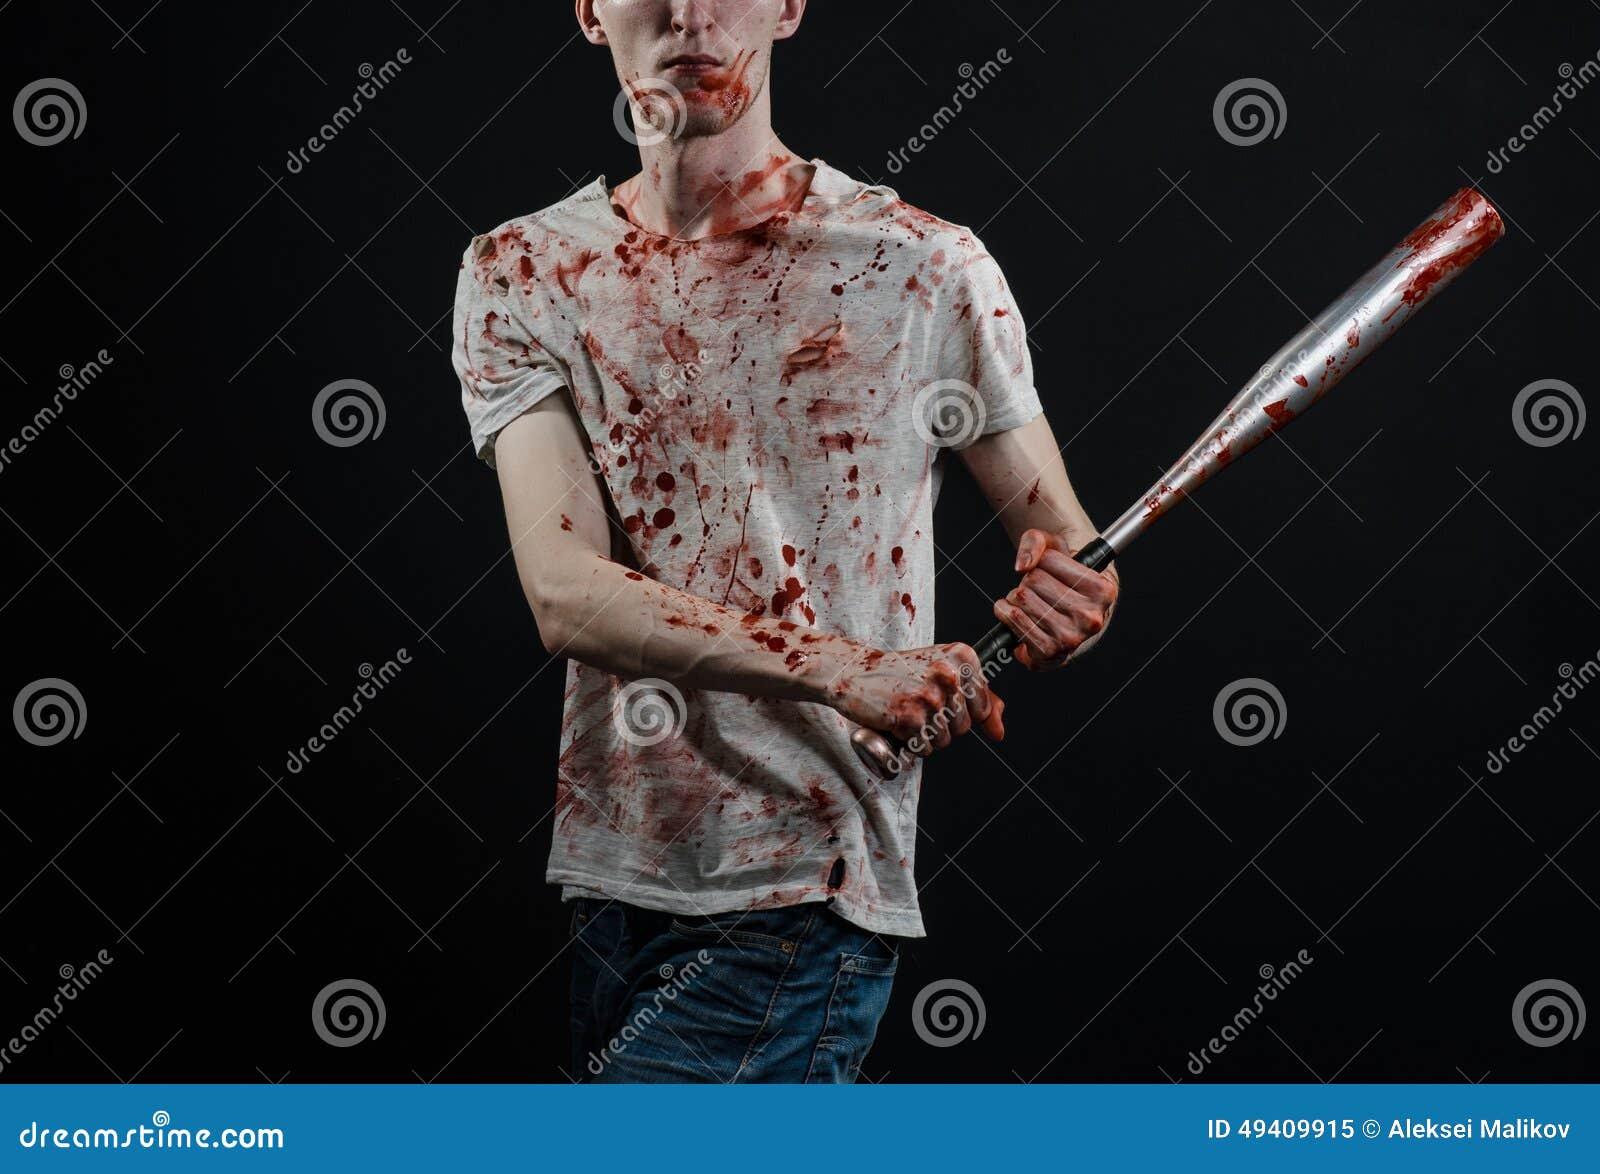 Download Blutiges Thema: Der Kerl In Einem Blutigen T-Shirt, Das Einen Blutigen Schläger Auf Einem Schwarzen Hintergrund Hält Stockbild - Bild von kerl, grausam: 49409915